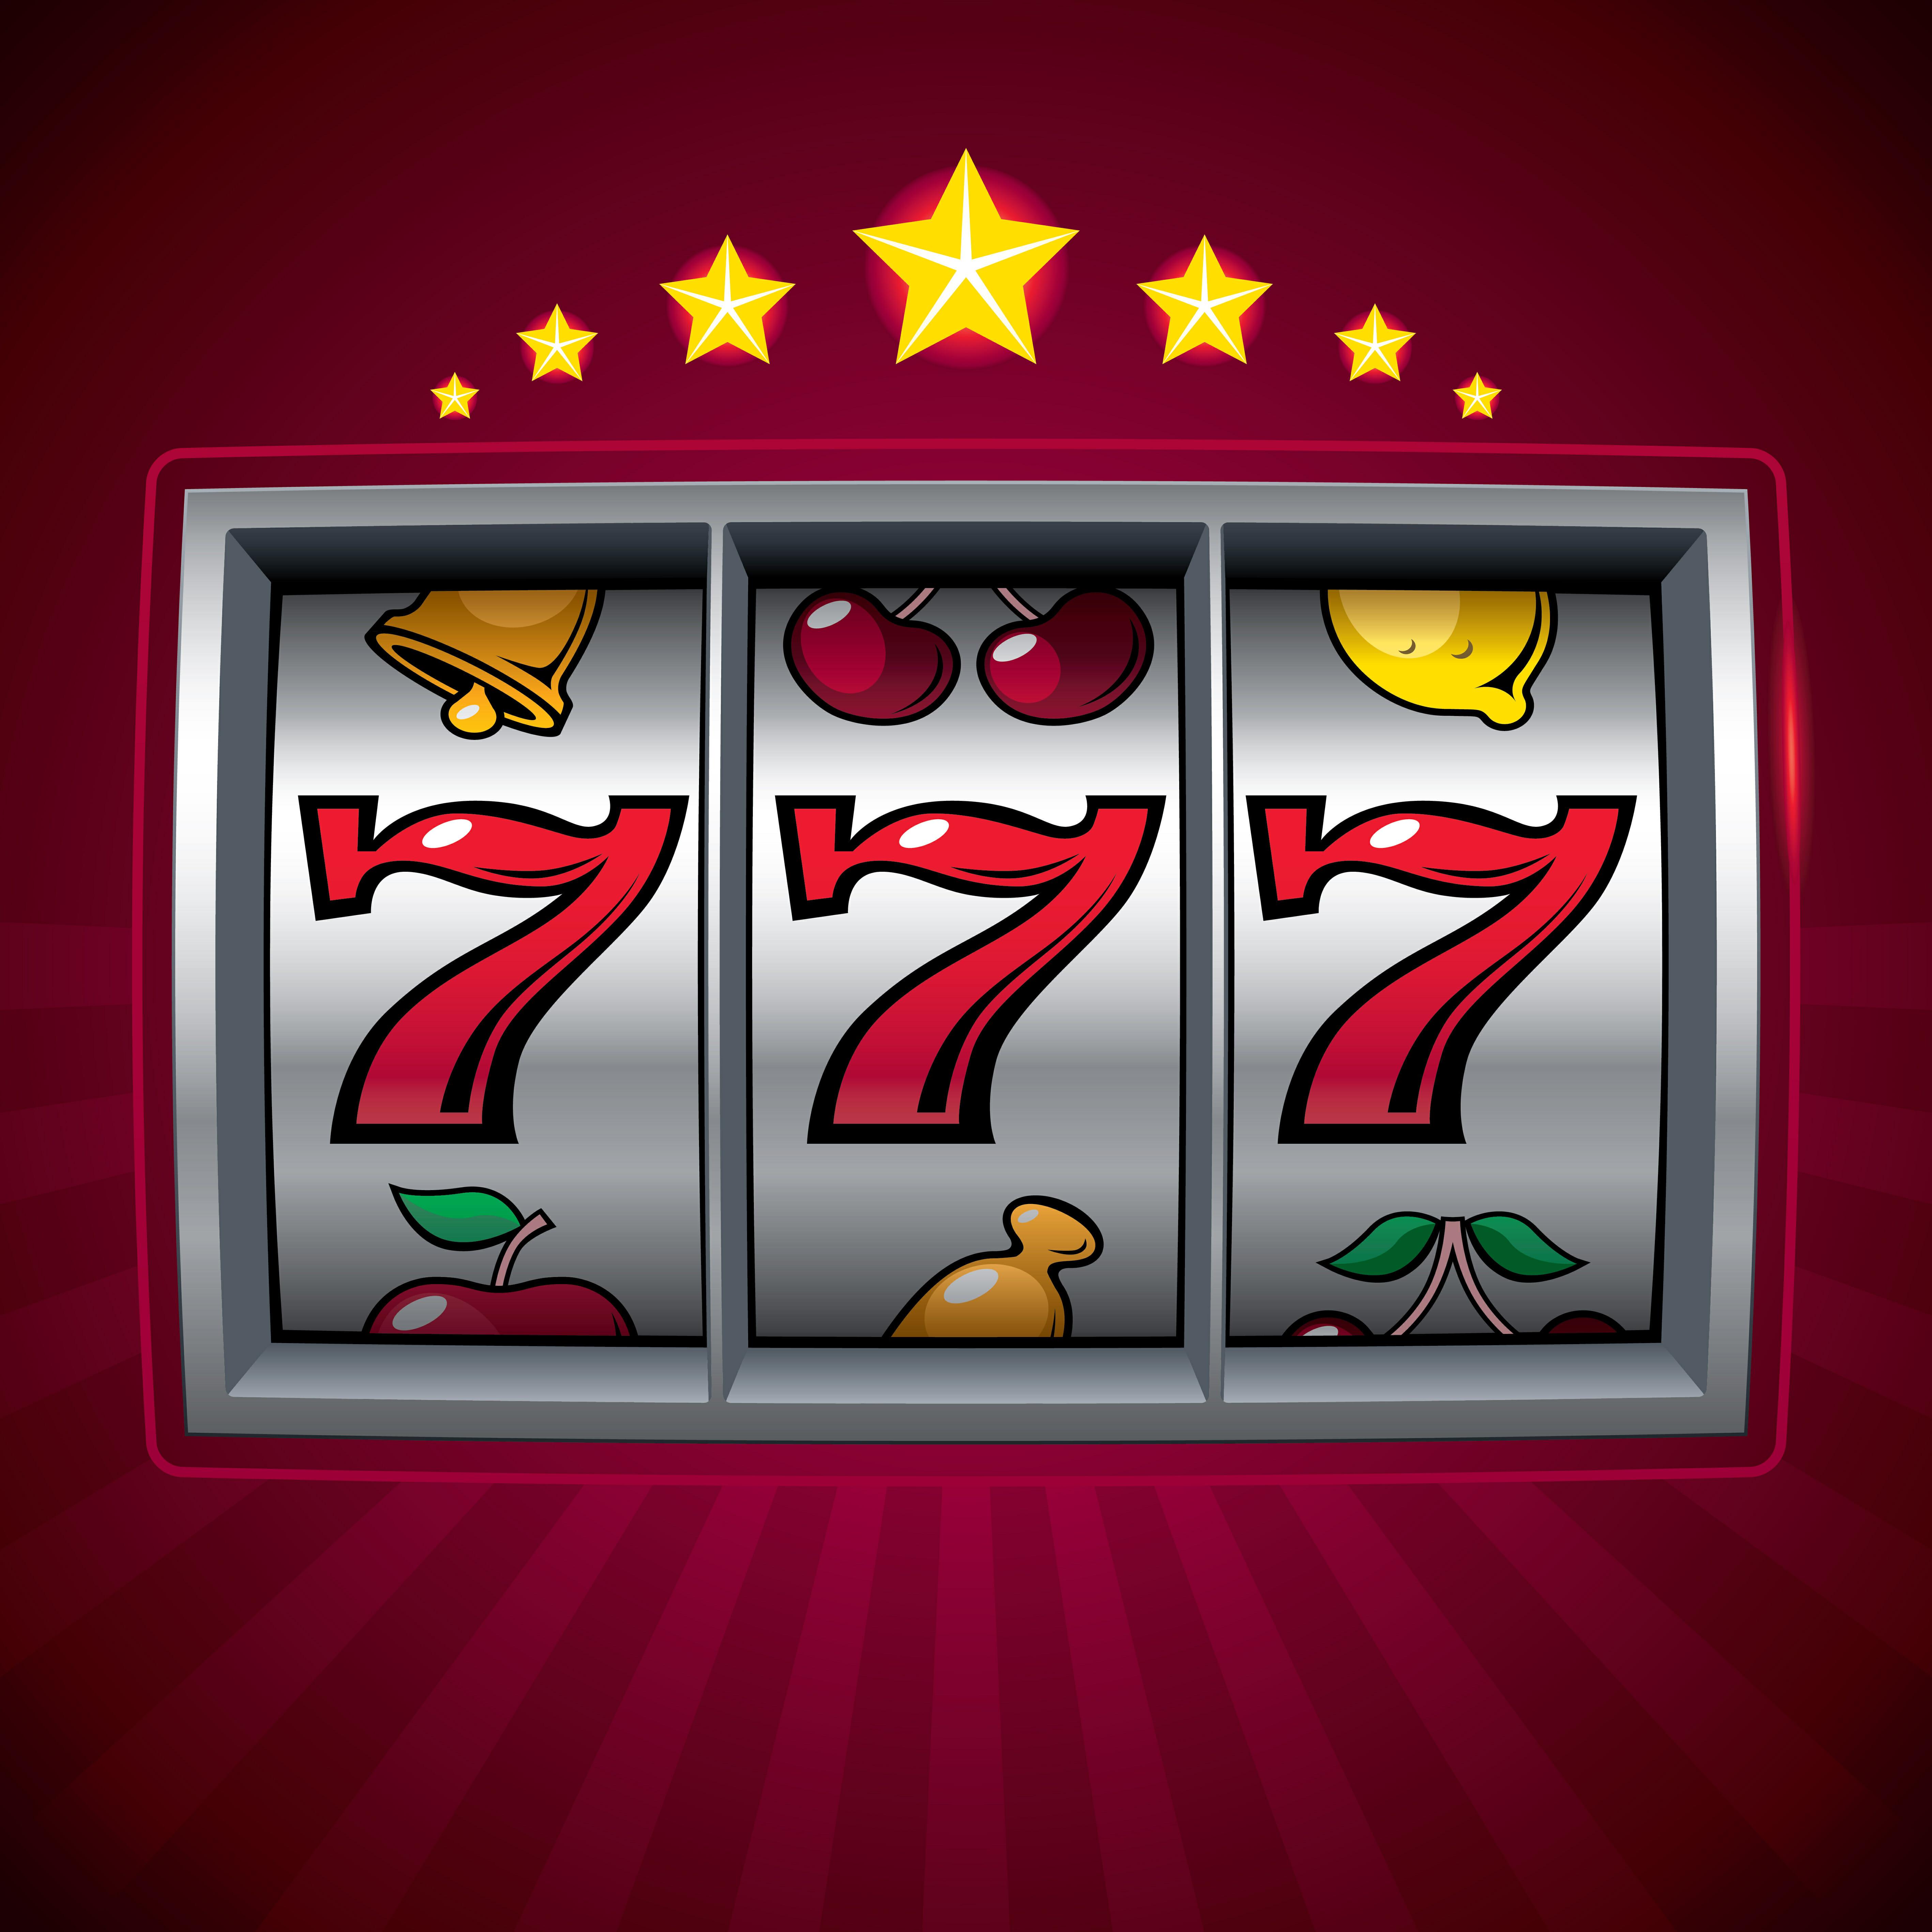 Giochi di slots gratis